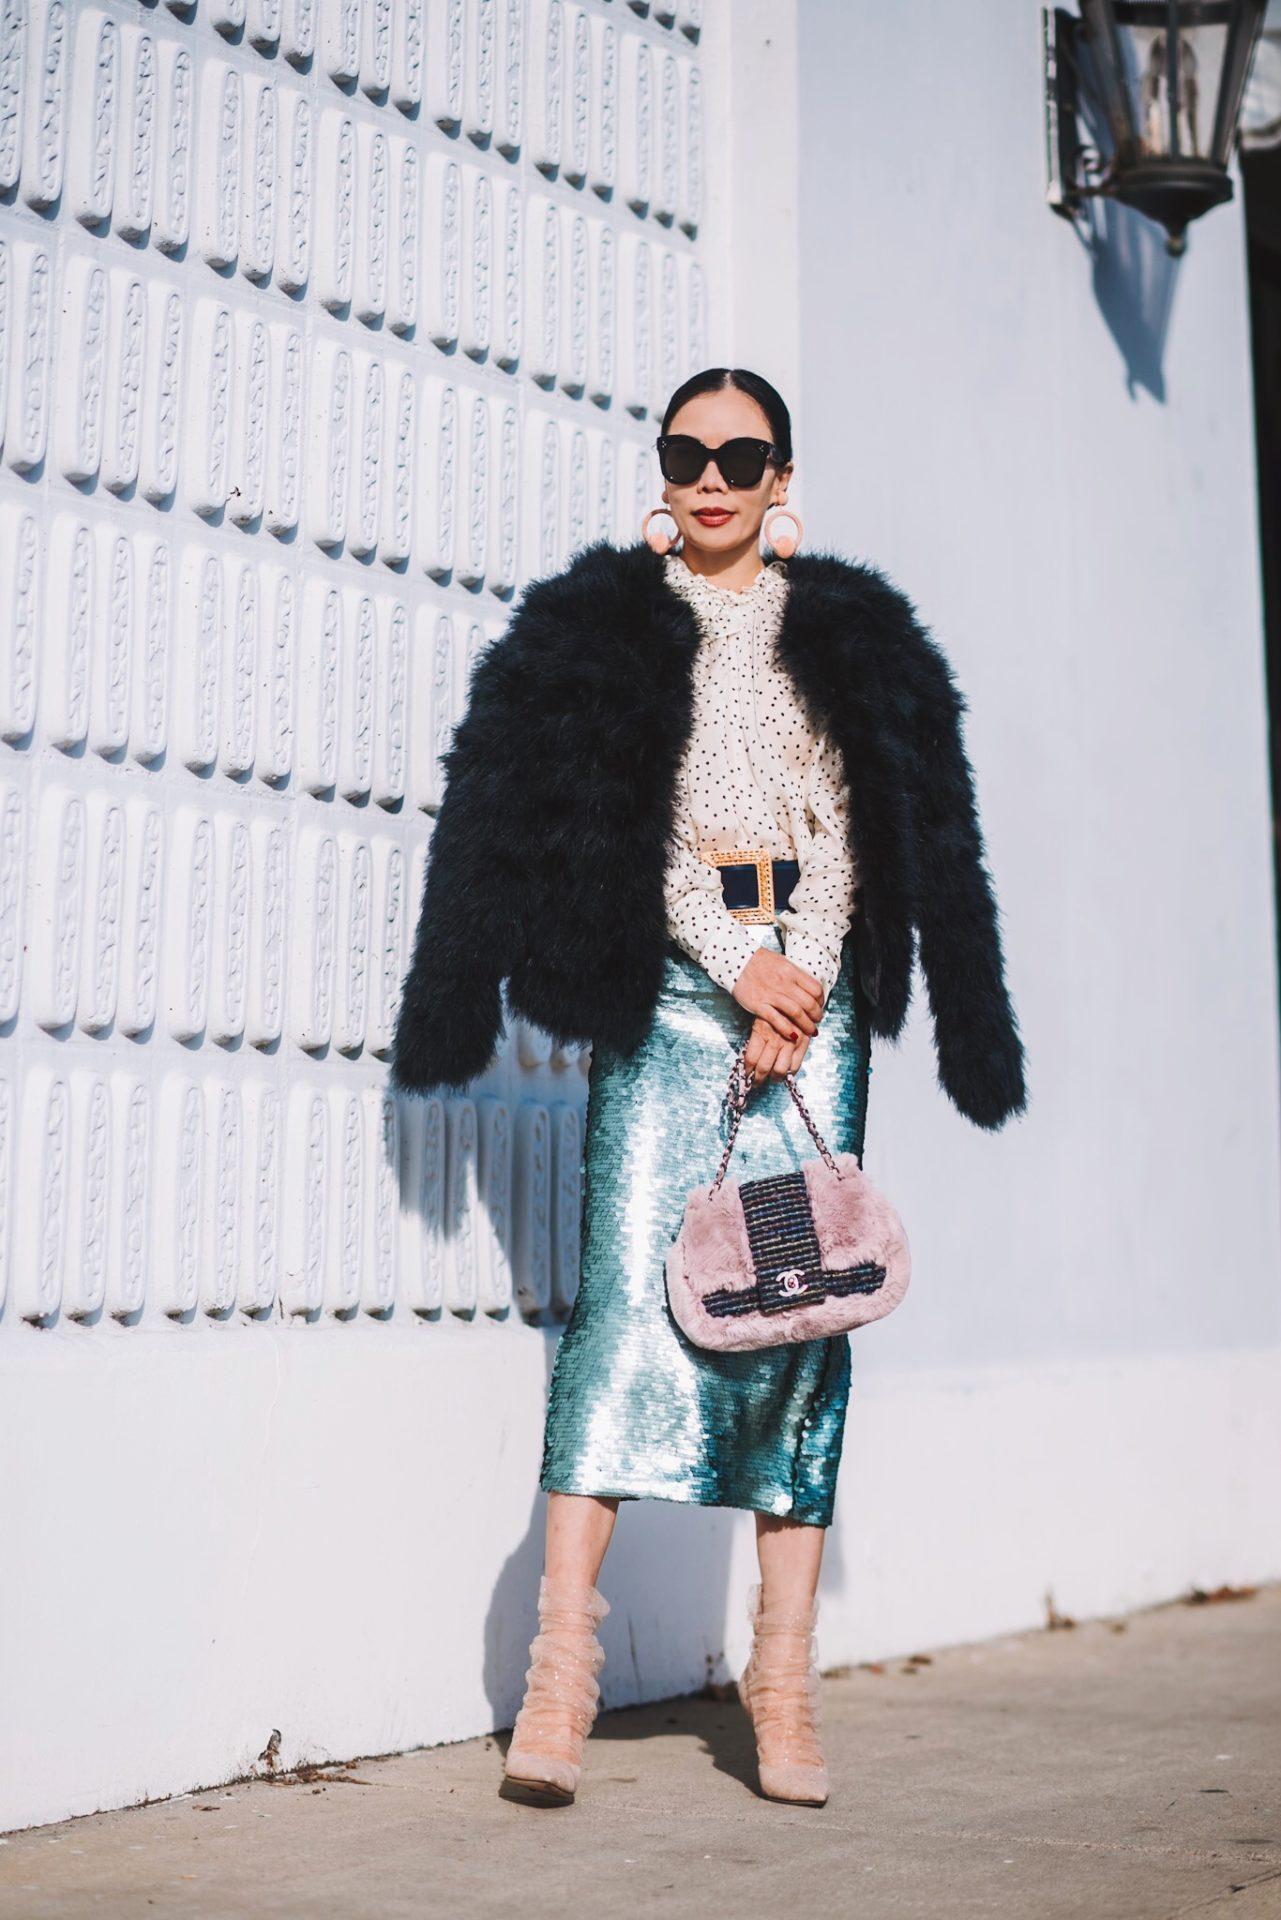 hallie daily blogger jacket skirt shoes blouse sunglasses bag belt make-up jewels